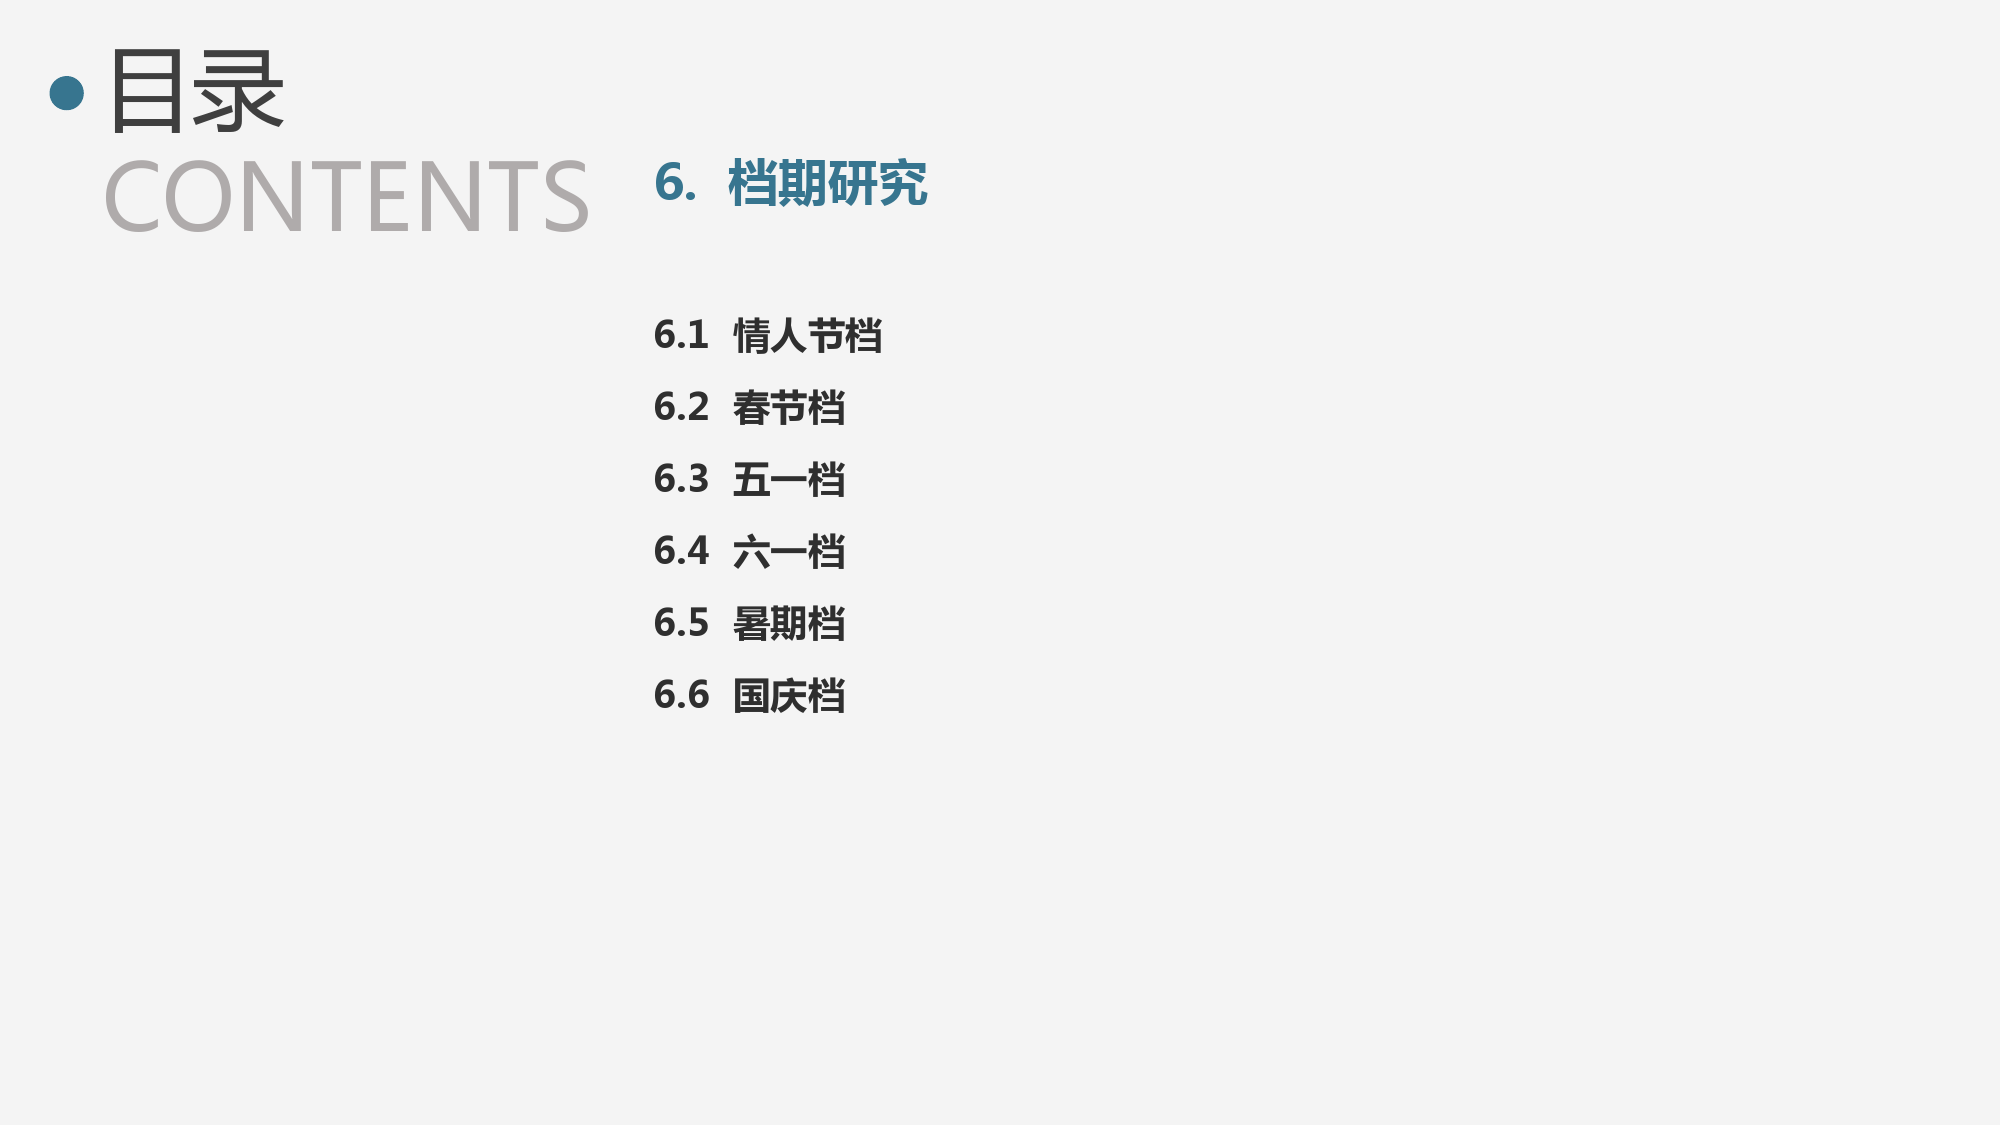 2015年度中国电影产业报告_000007